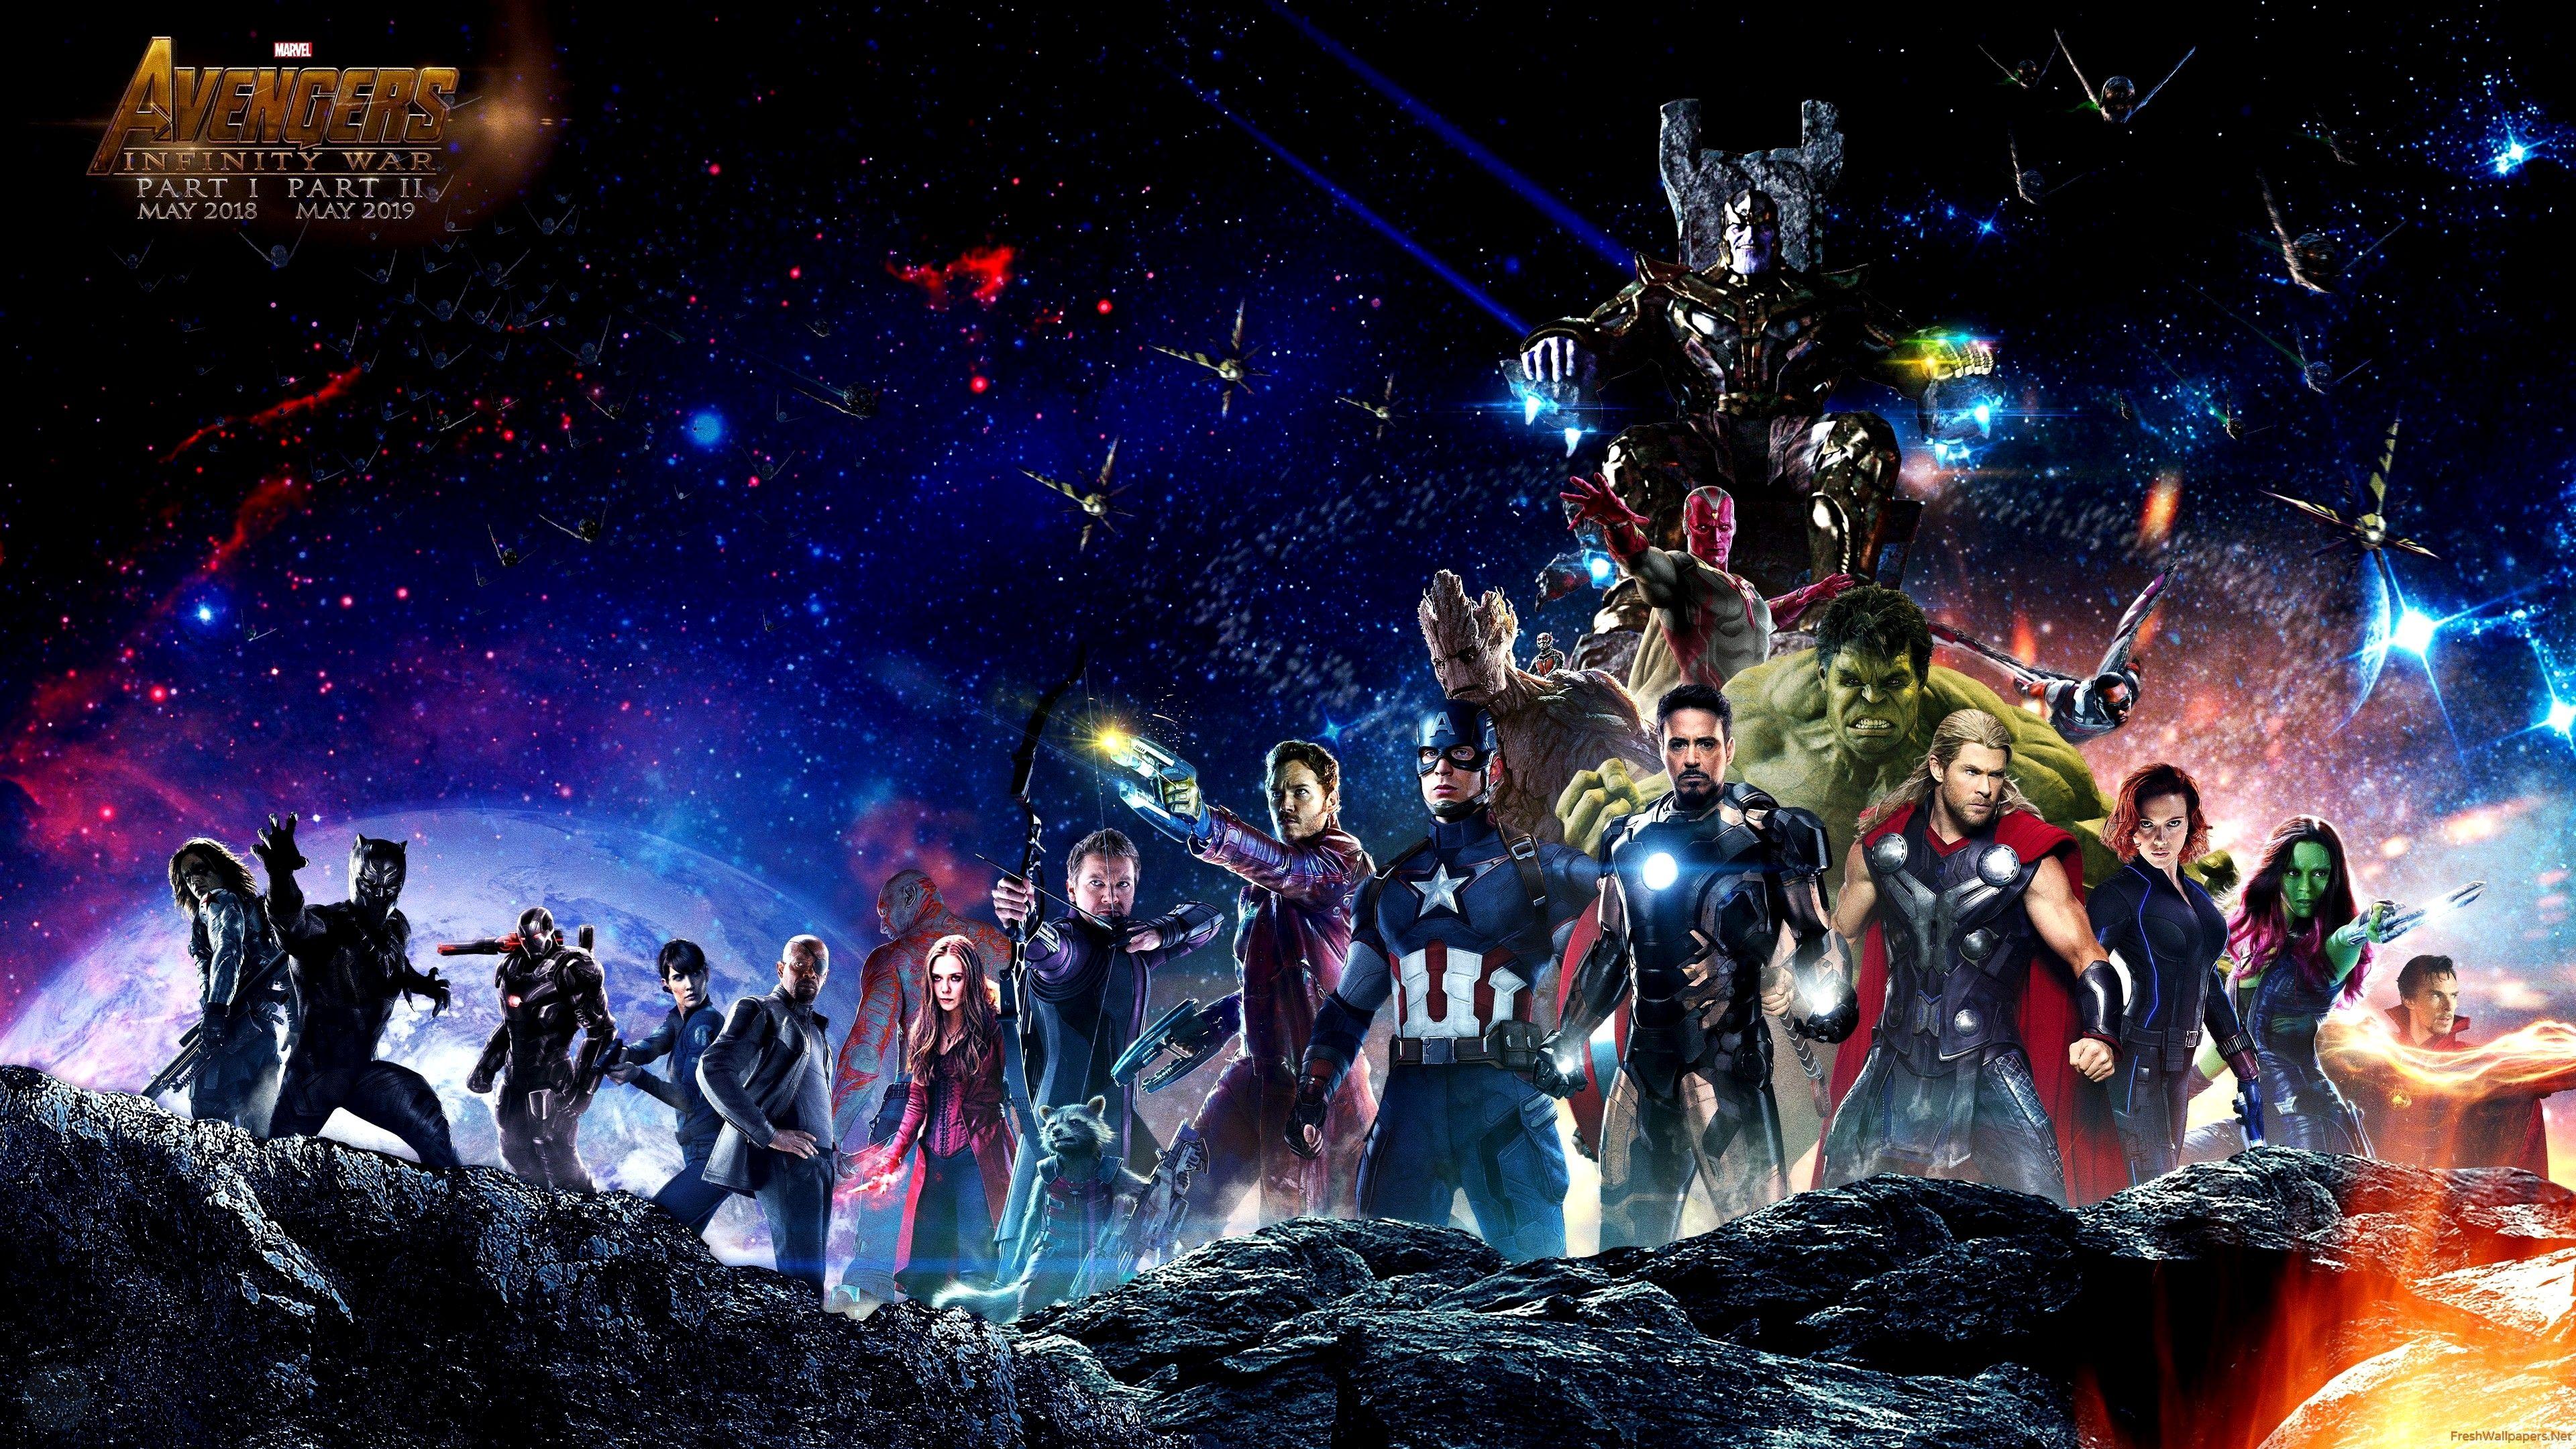 Avengers Endgame Wallpaper 4k Pc Trick In 2020 Avengers Wallpaper Marvel Wallpaper Marvel Background